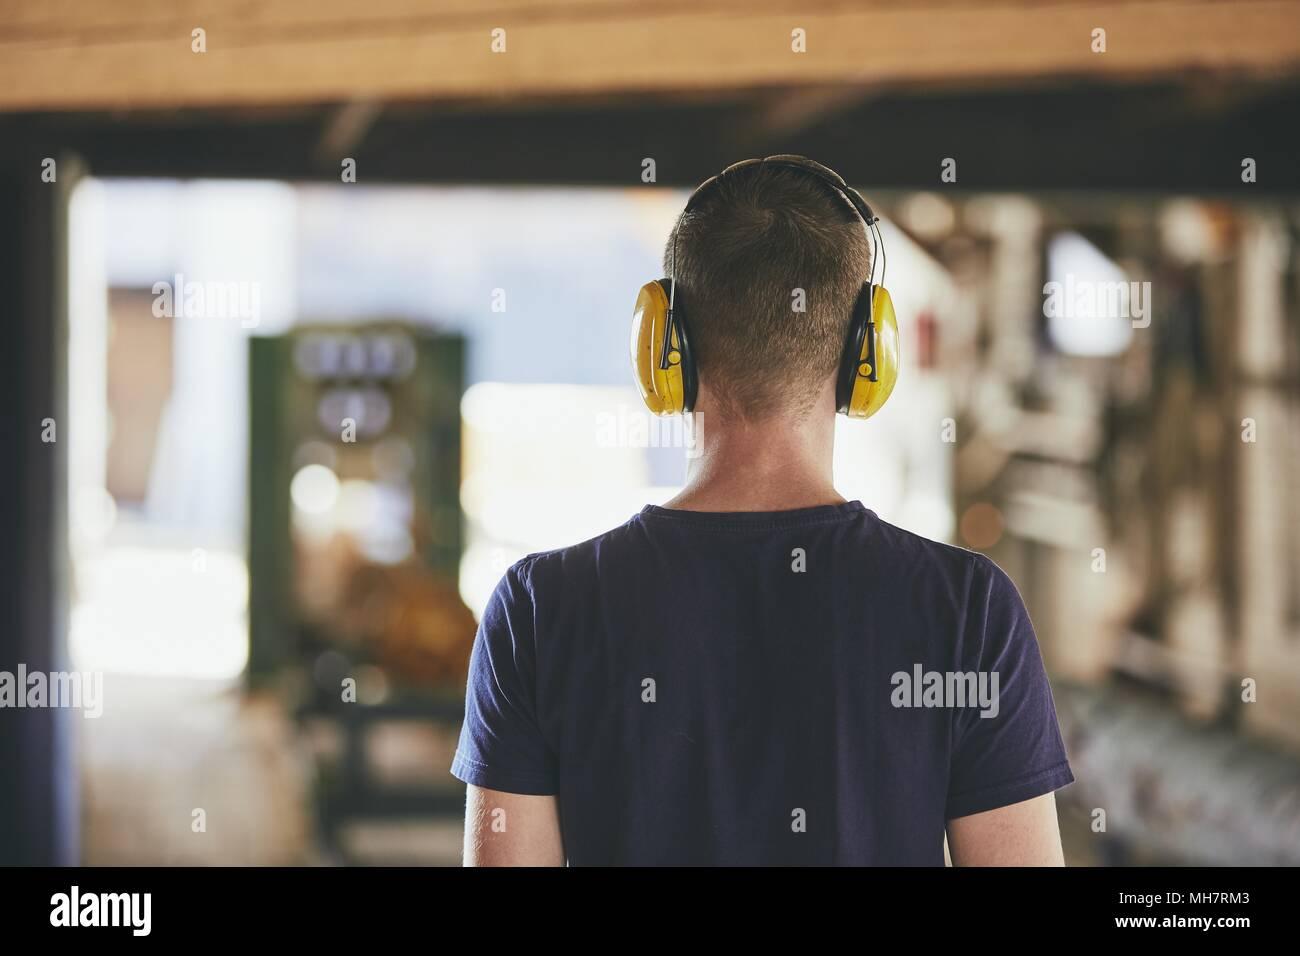 Homme travaillant dans une scierie. Vue arrière du travailleur avec casque. Photo Stock